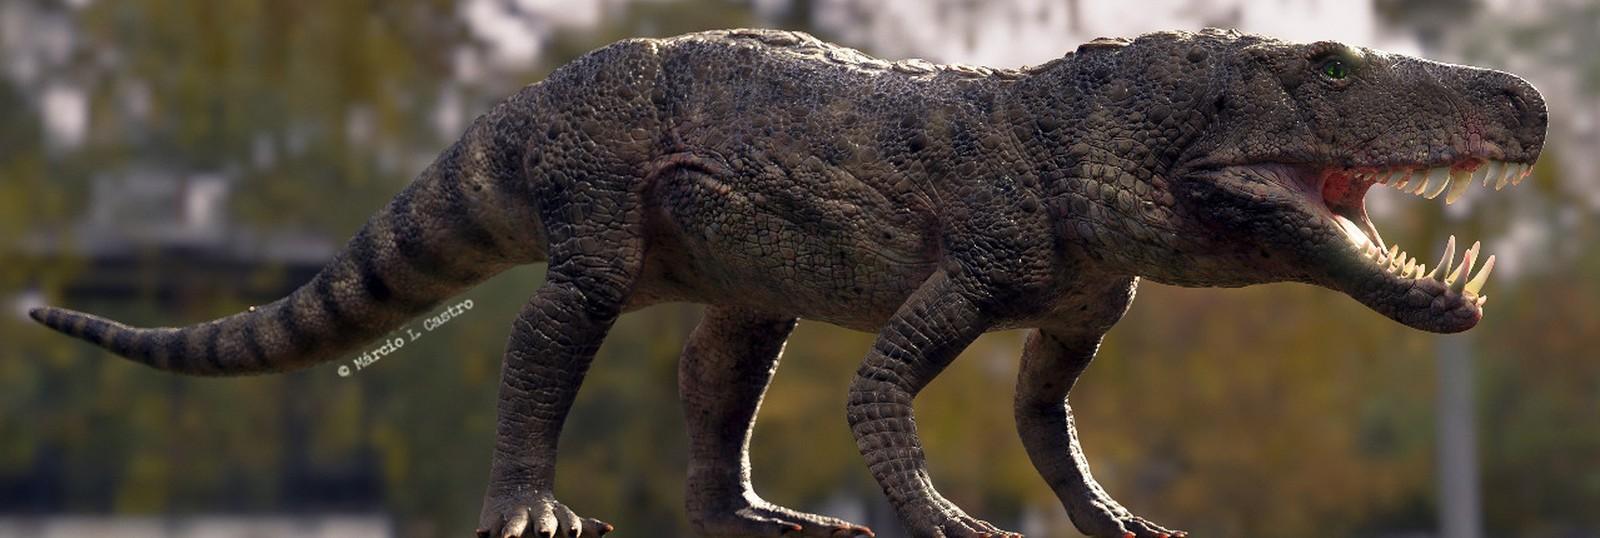 Pesquisa apresenta réptil raro que conviveu com dinossauros em Agudo